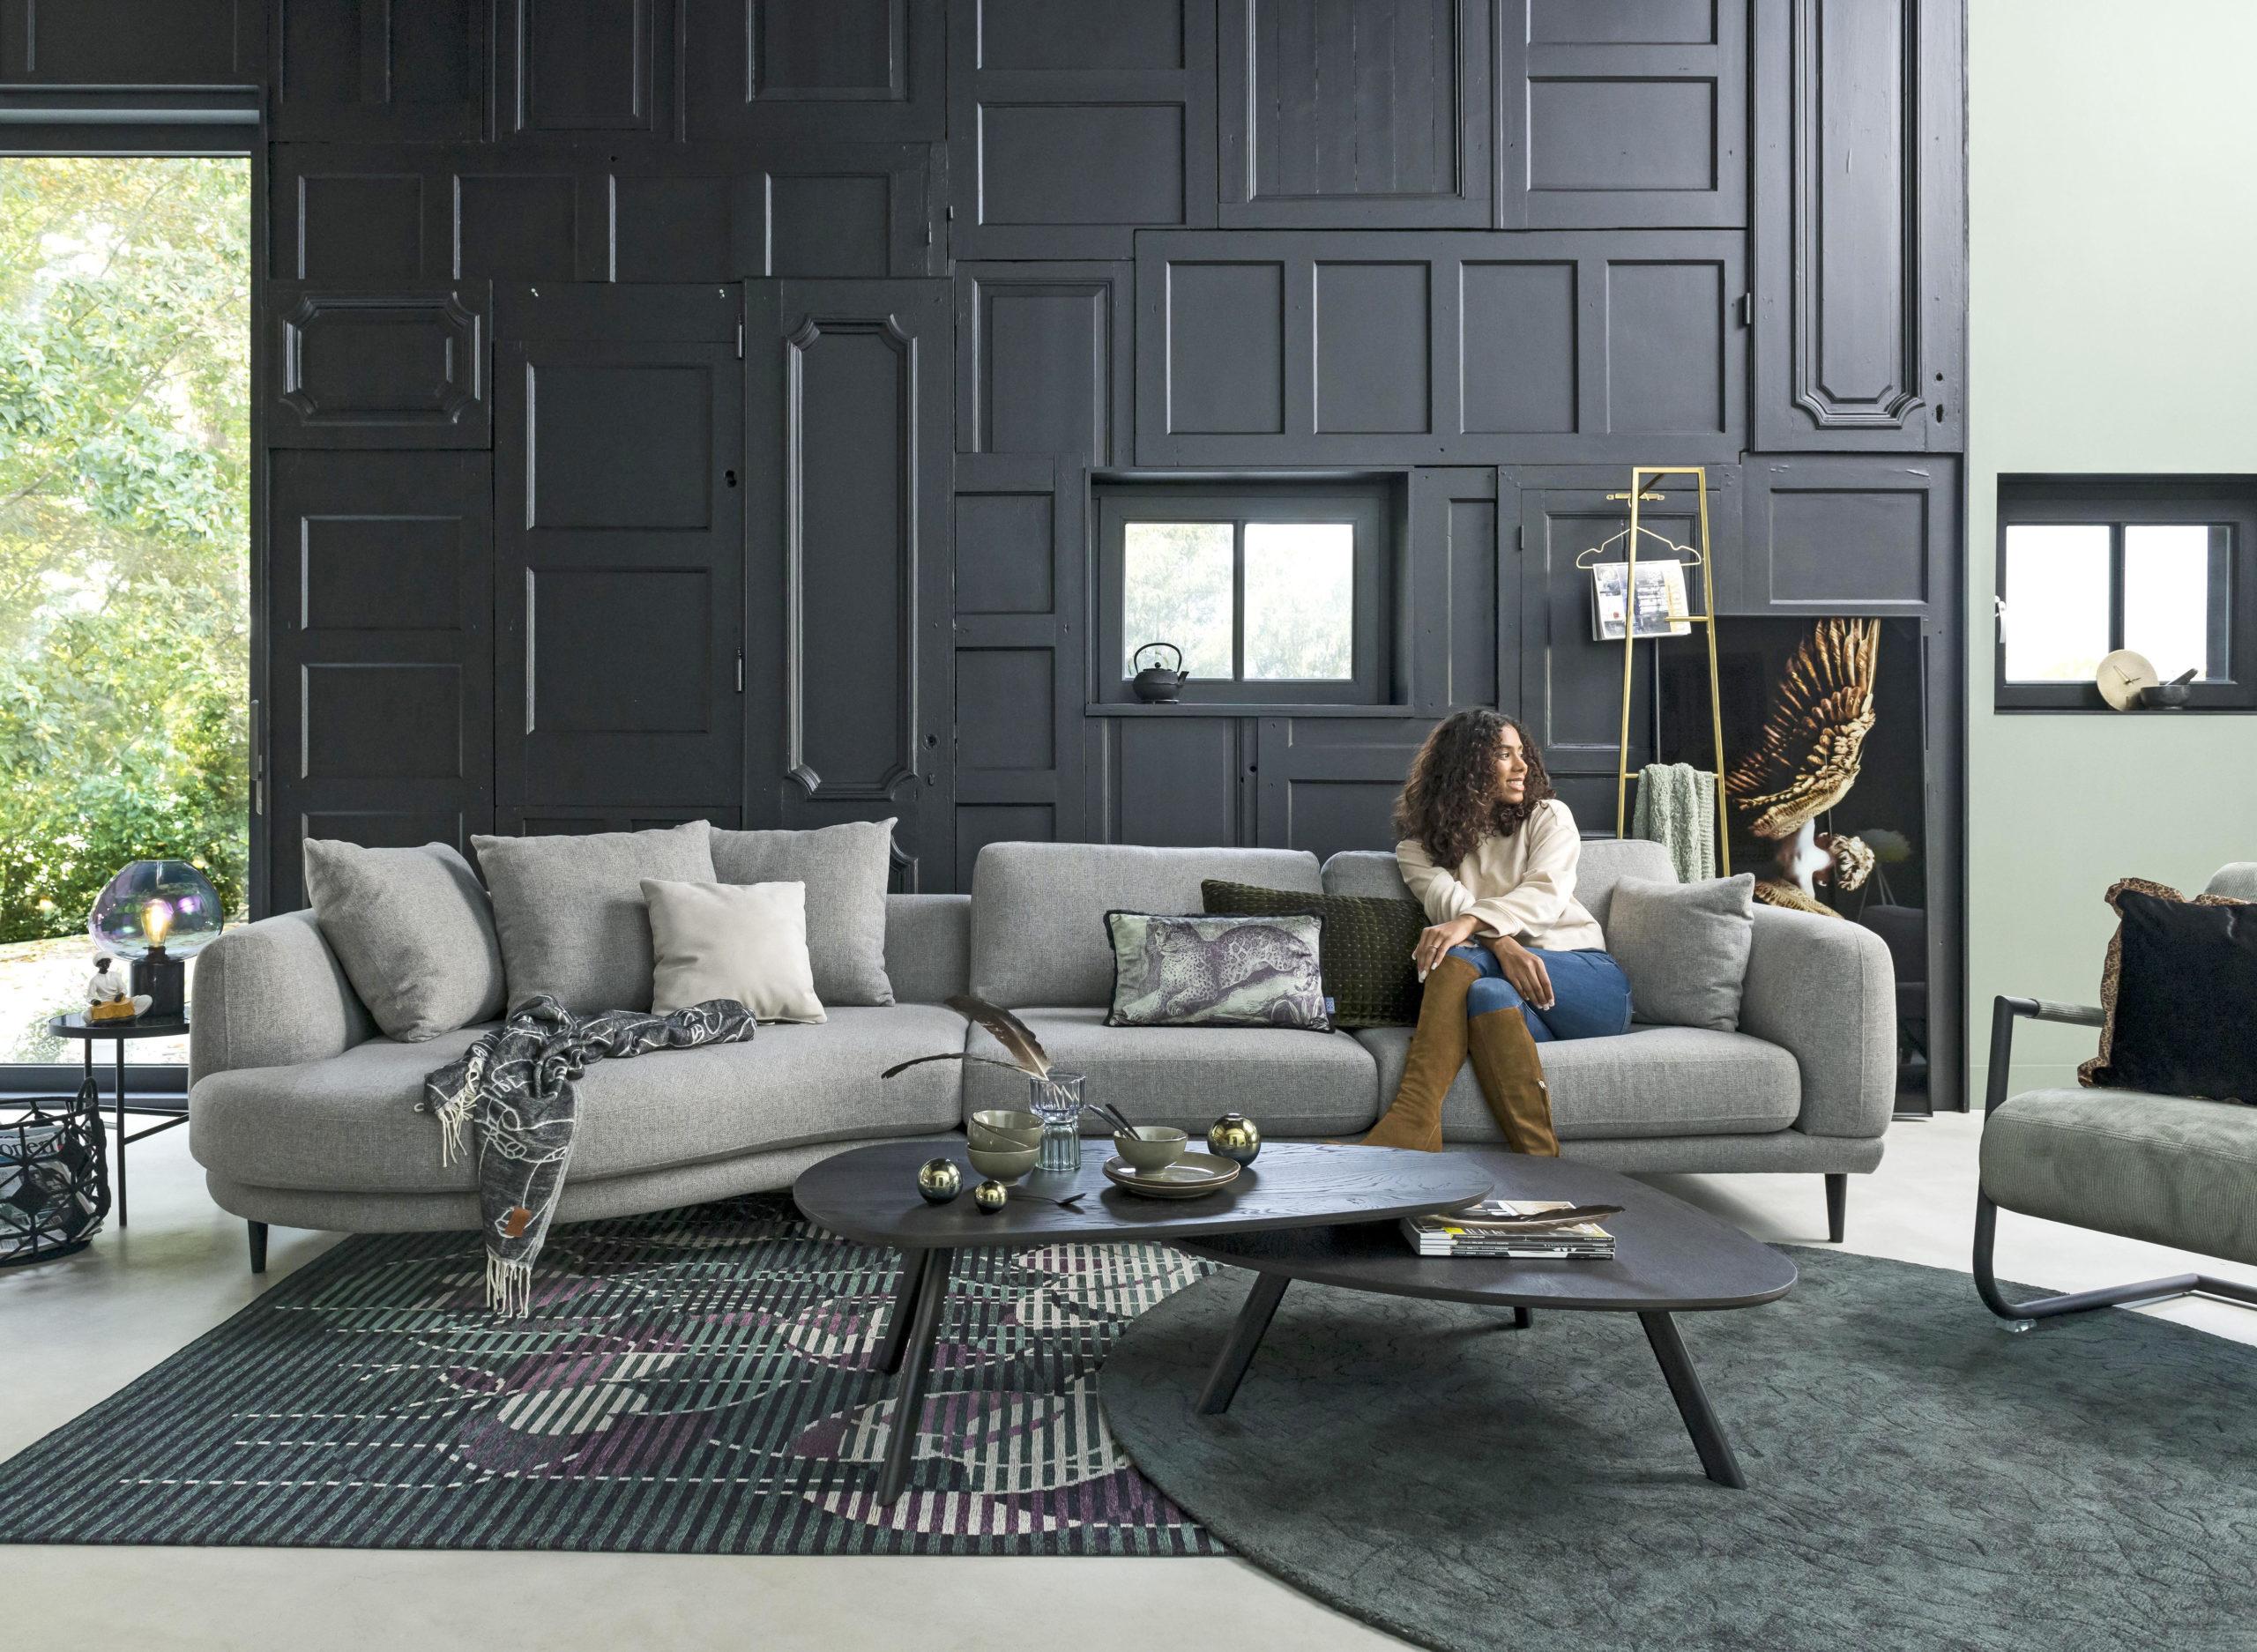 Sofa mit runden Formen